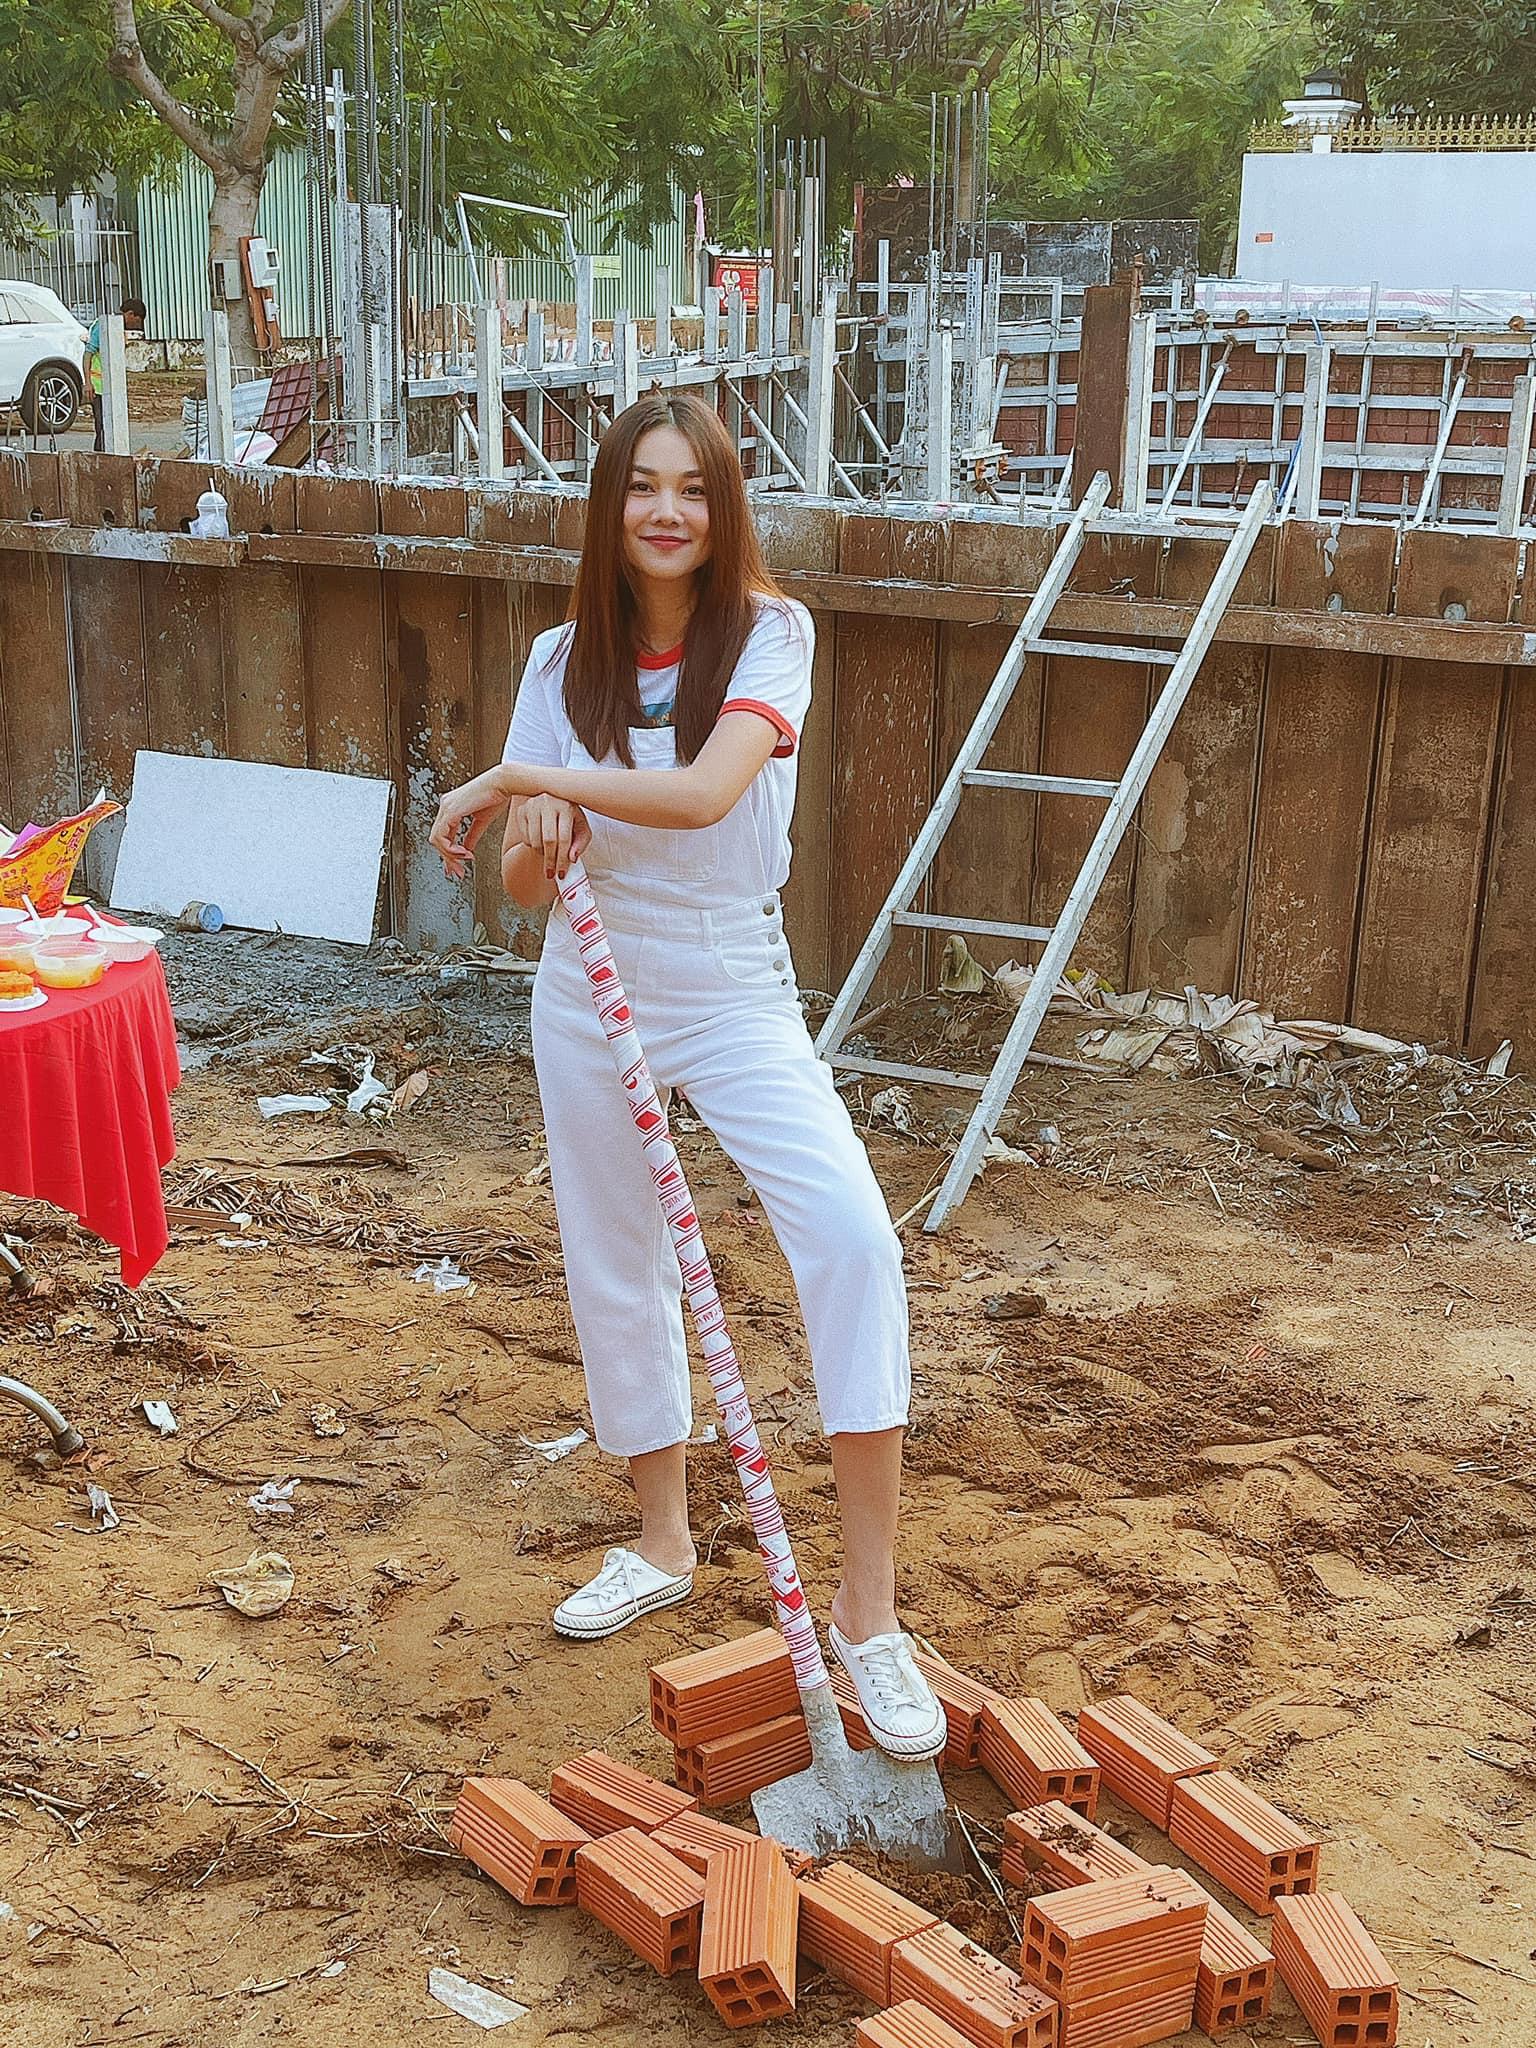 Thanh Hằng gây tò mò khi tự tay trộn vữa ra dáng cô thợ nề.